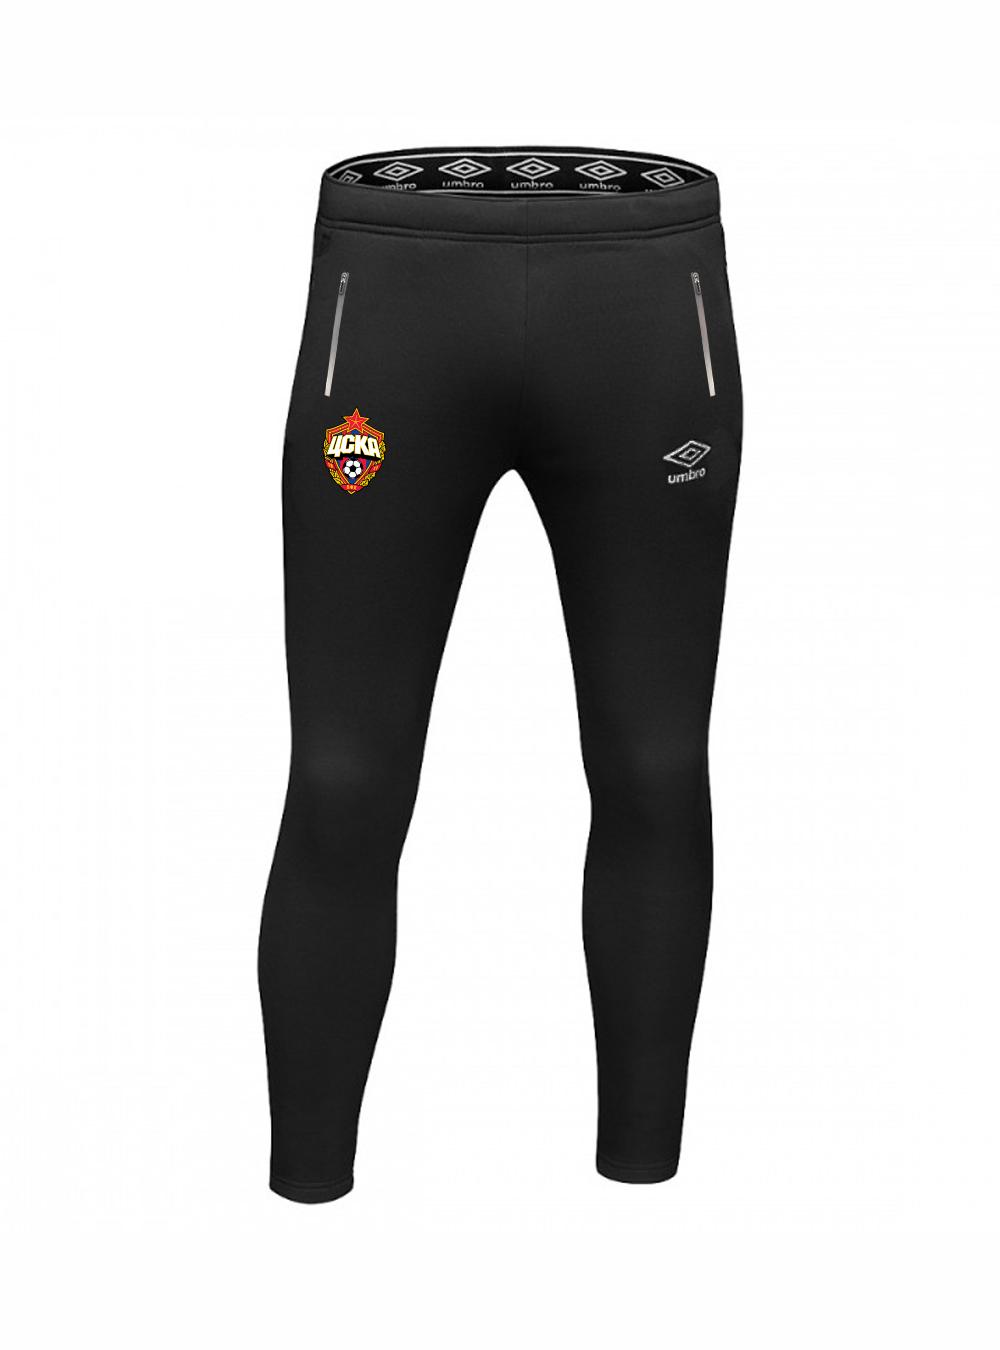 Костюм утепленный (брюки), черный/серебро (S) фото